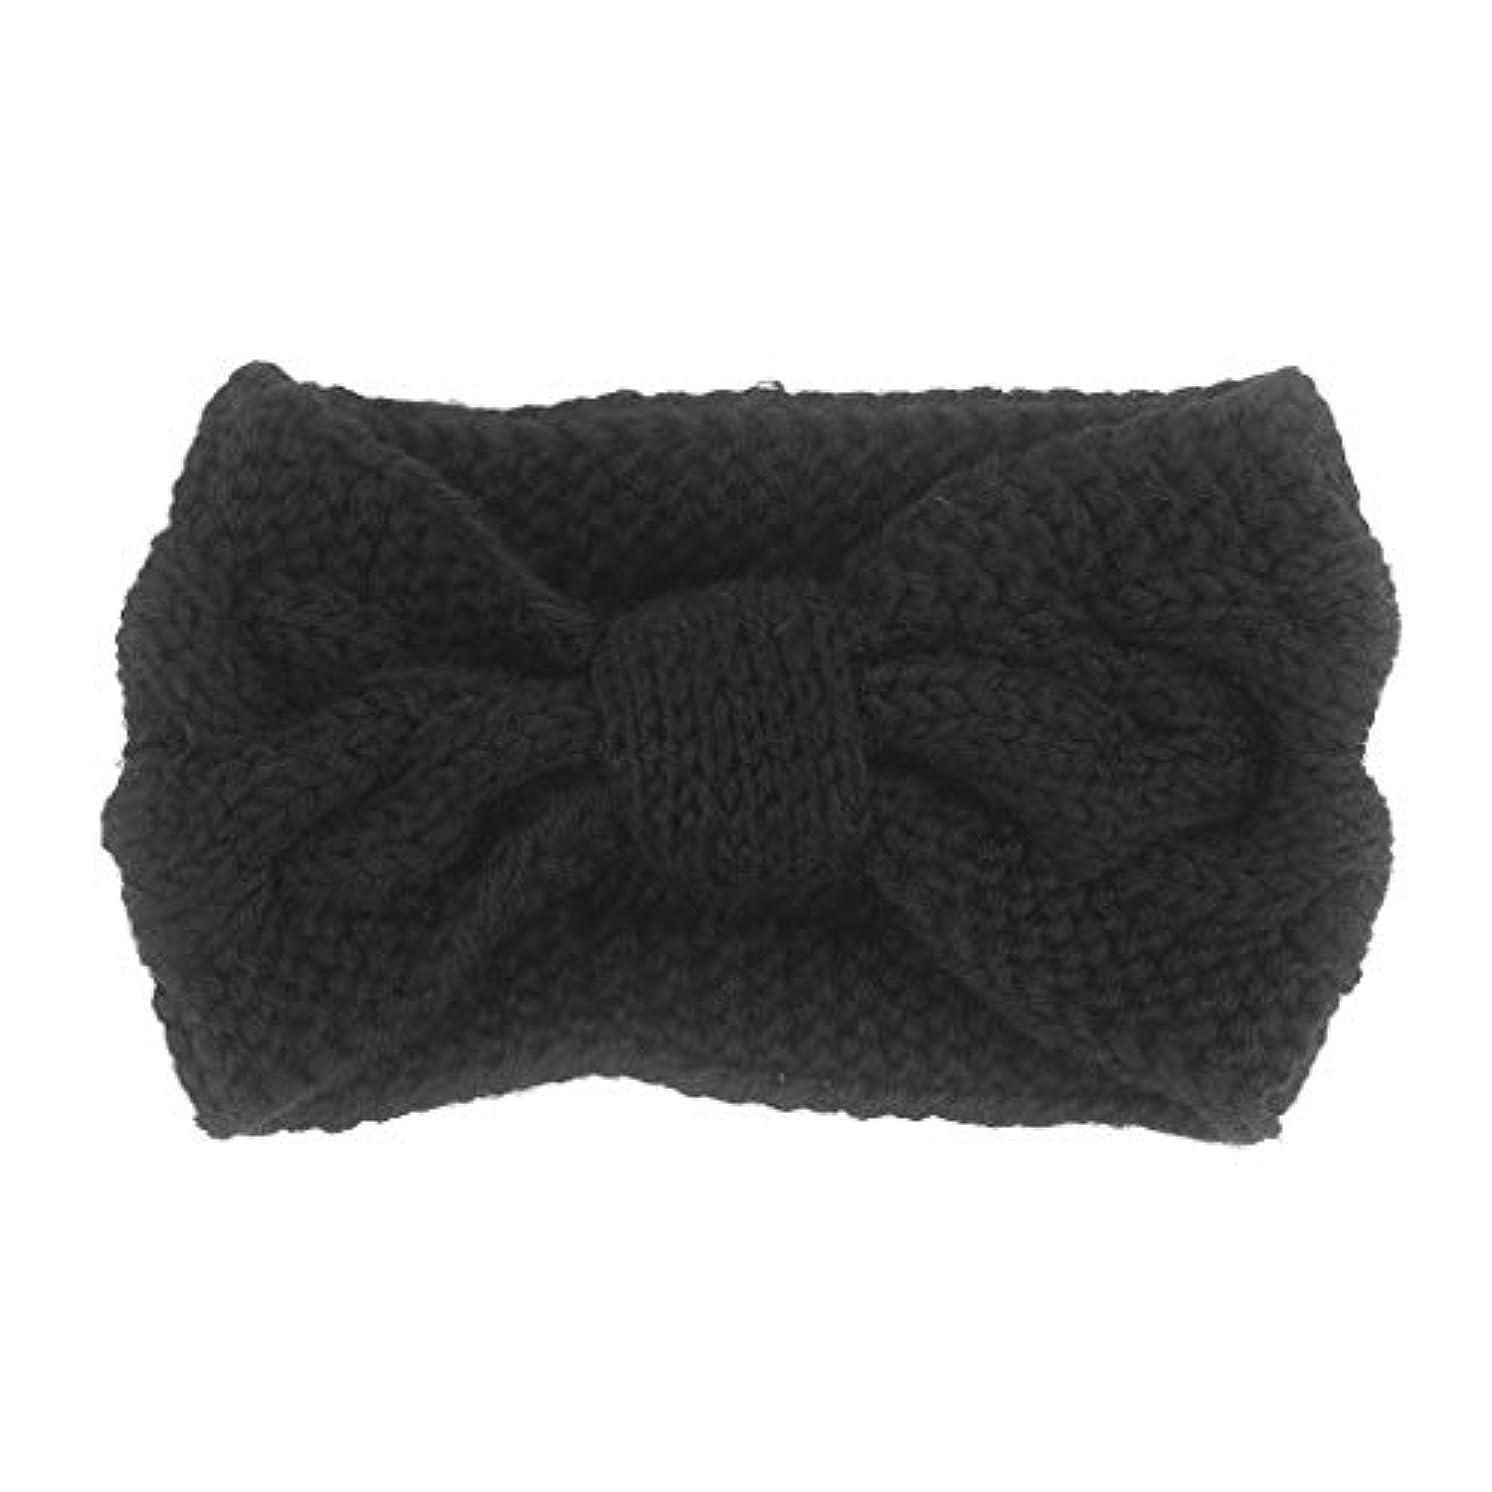 公然とアレルギーメンター1st market 丈夫なニットヘアバンドかぎ針編みツイスト耳暖かい冬編組ヘッドラップ用女性女の子